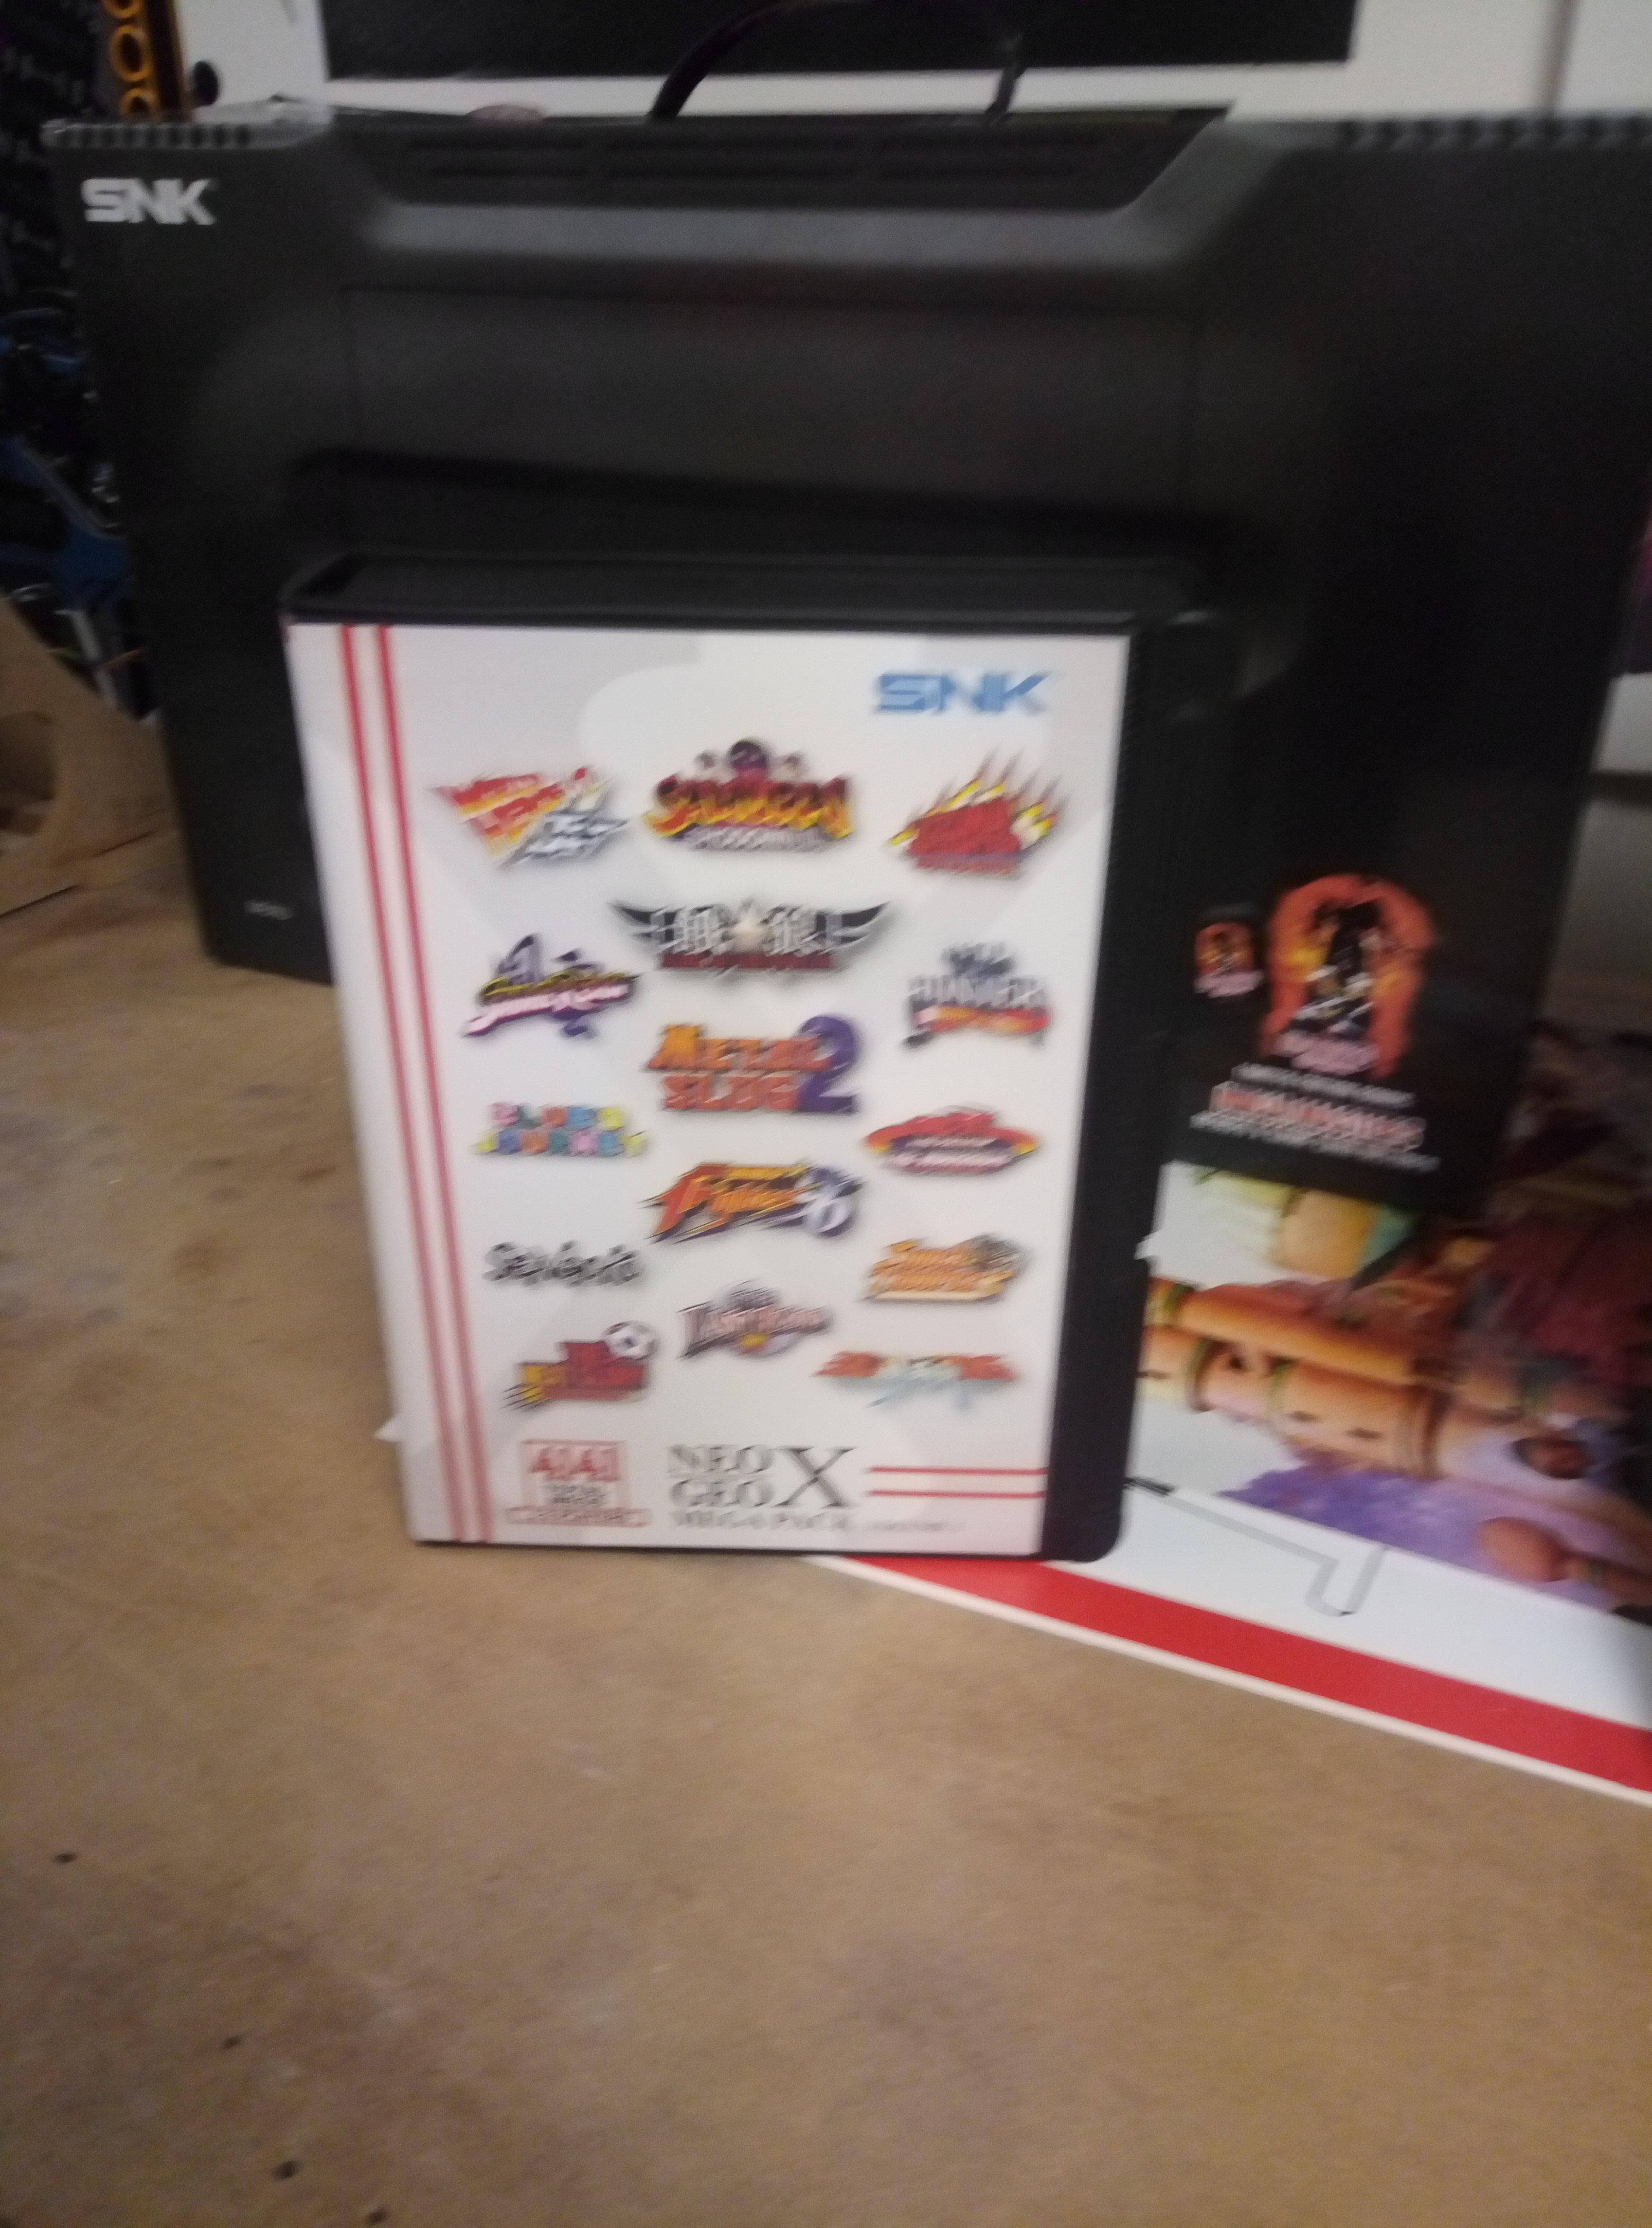 [VENDU] NeoGeo Pocket + NeoGeo X + Flashmasta le tout en box + GameCube 190418060352433132